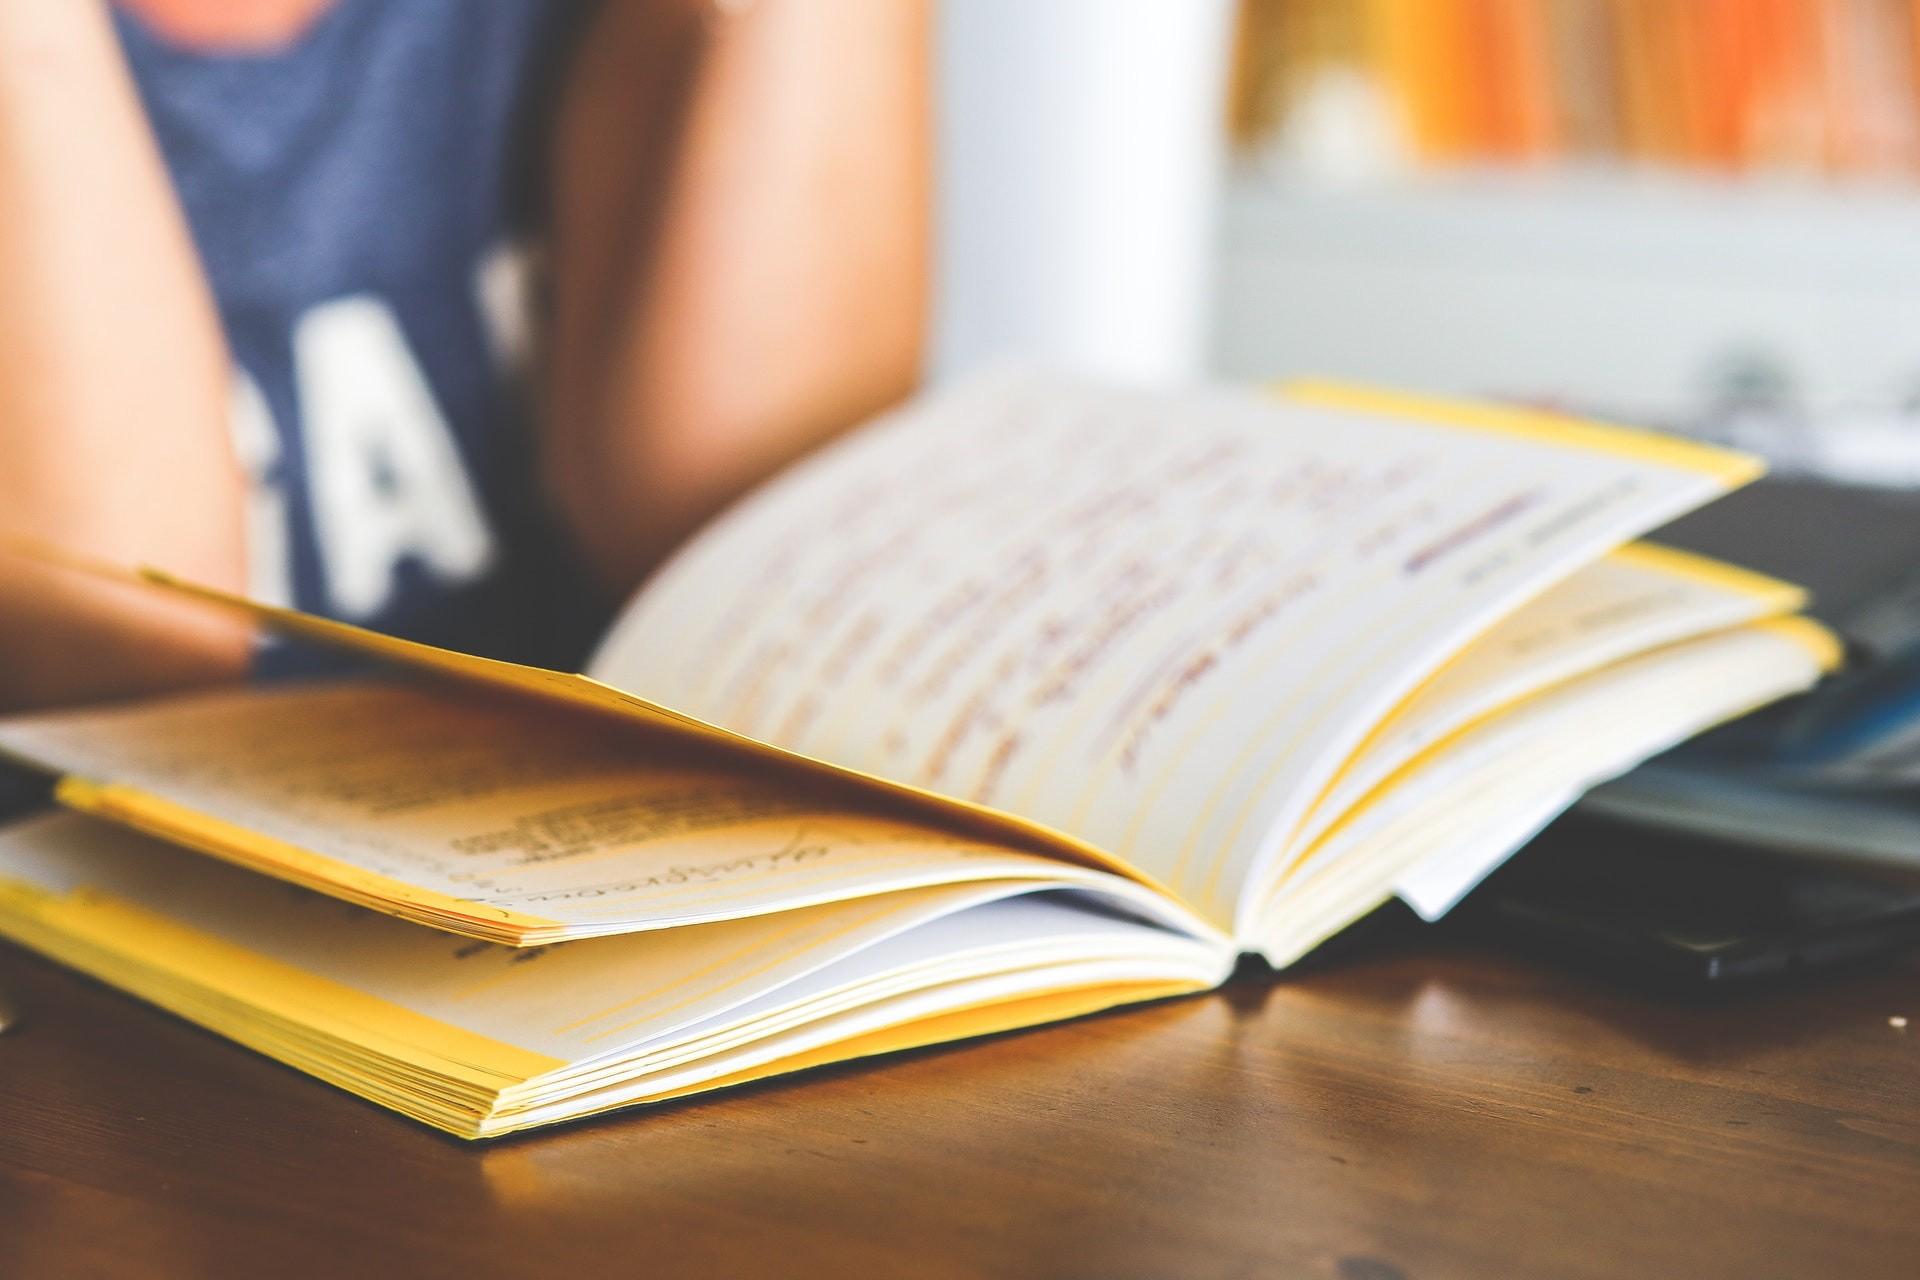 Escola bilingue e escola internacional: tem diferença? (Foto: Pexels)